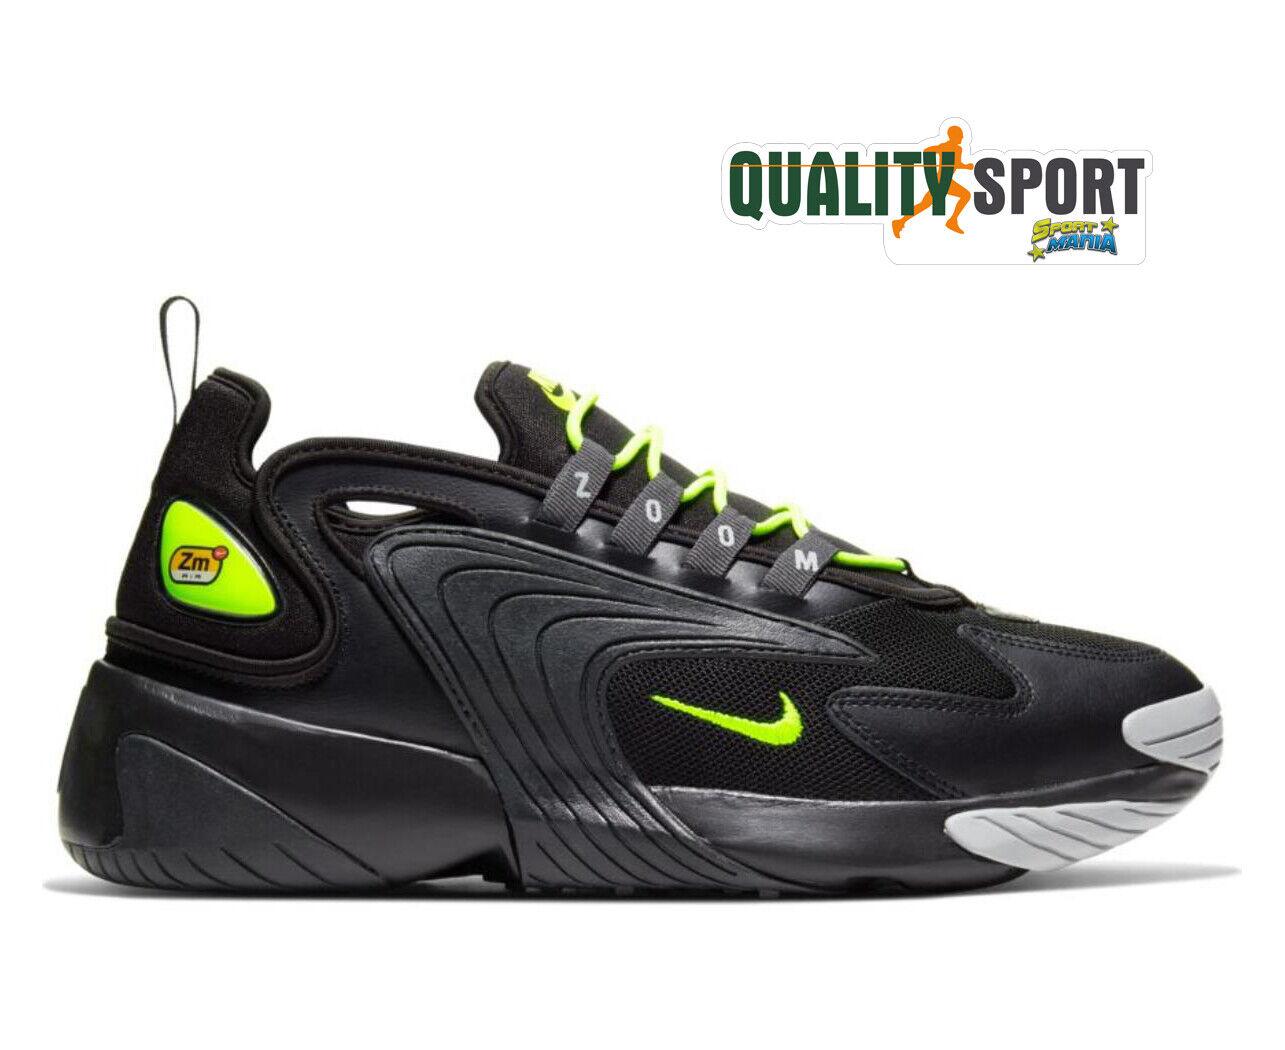 Nike Zoom 2K Schwarz Schuhe Herren Sport Turnschuhe AO0269 008 2019